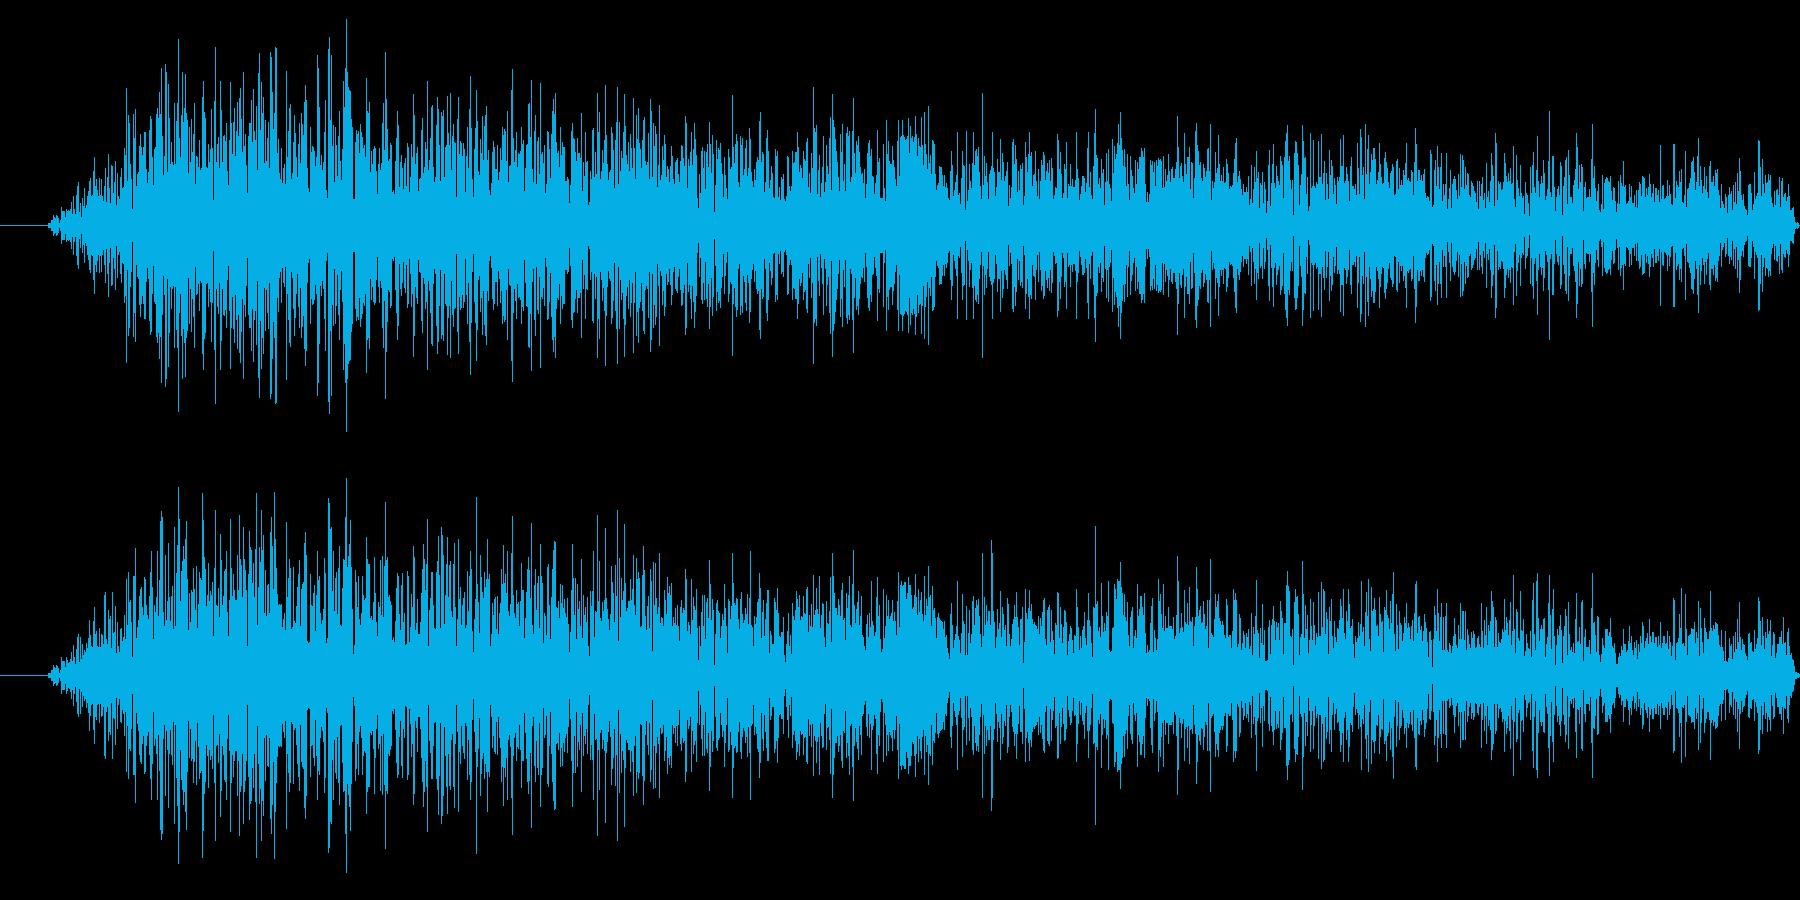 虫の鳴き声の再生済みの波形